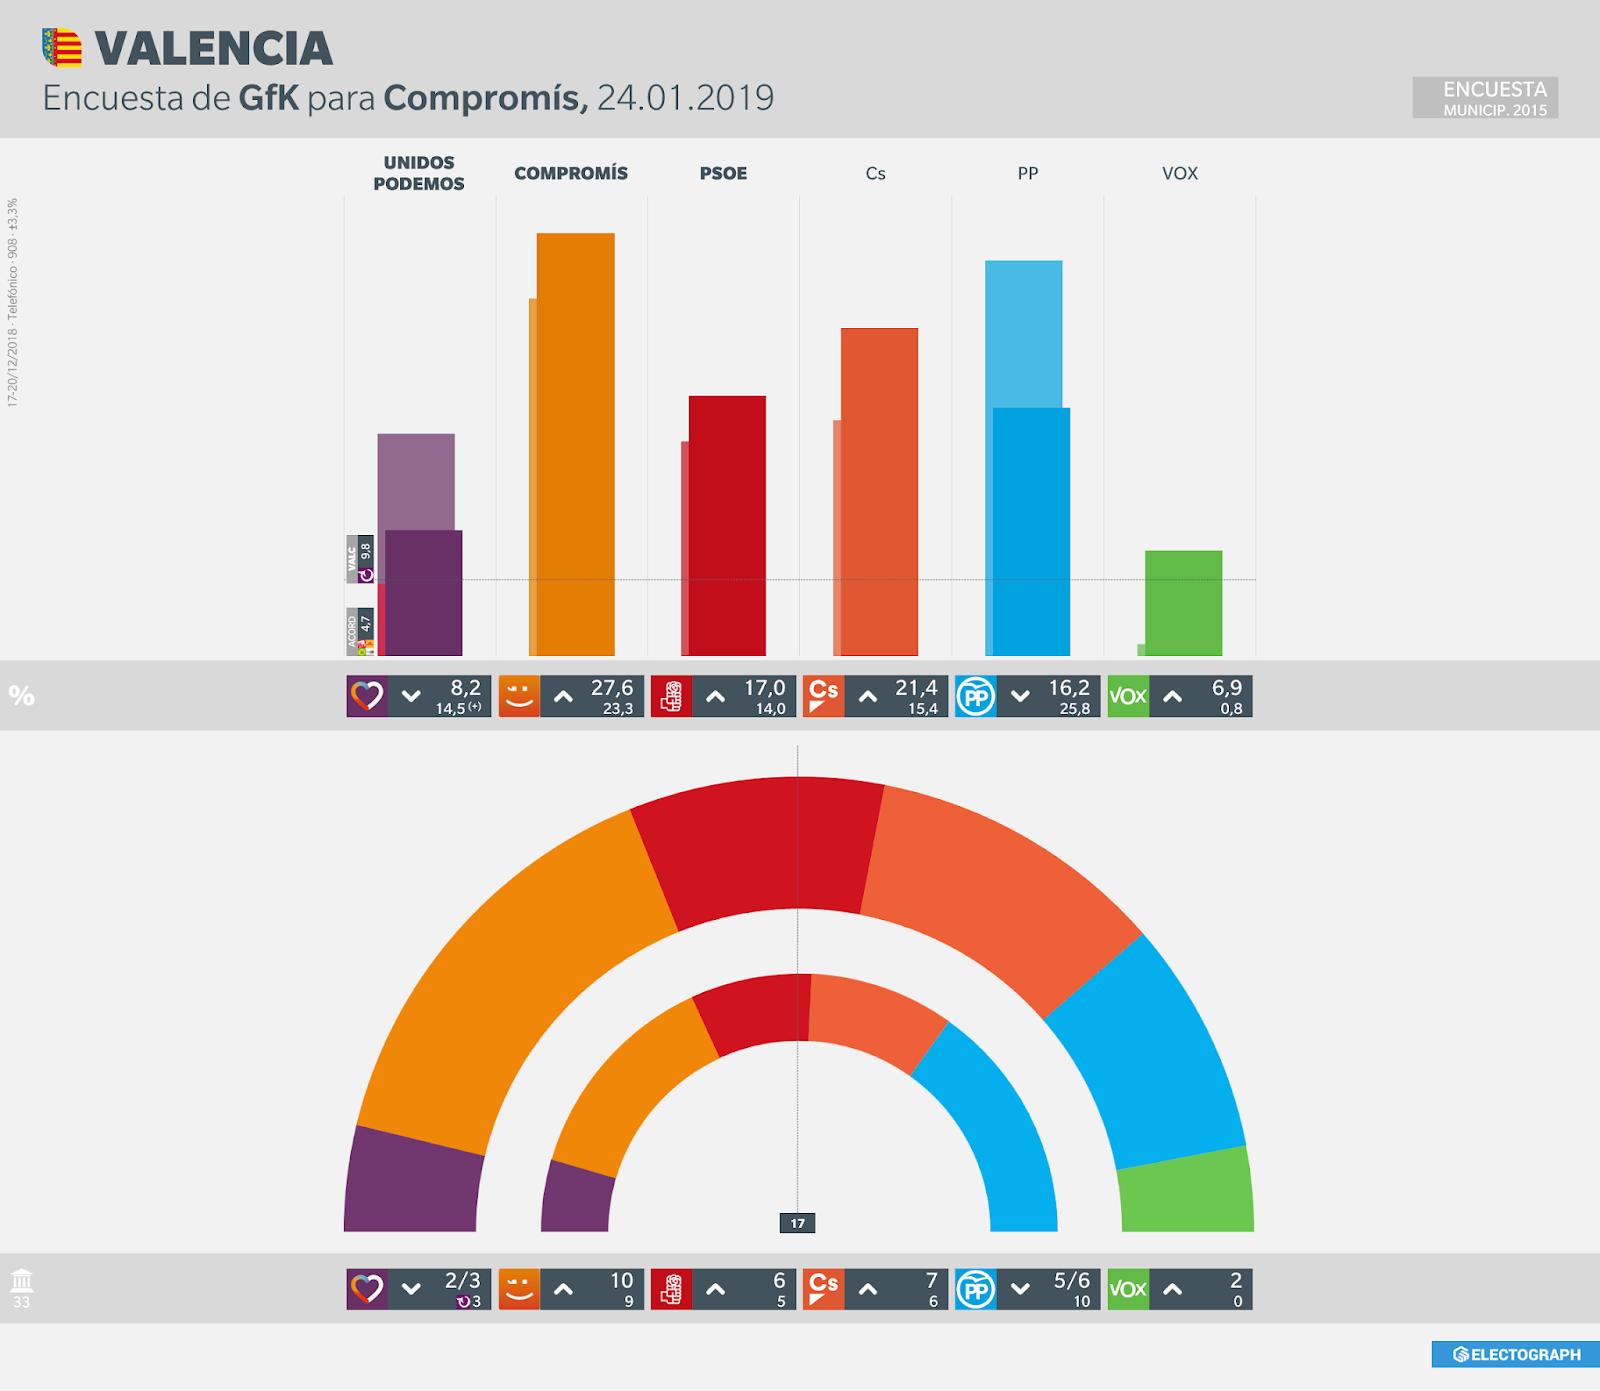 Gráfico de la encuesta para elecciones municipales en Valencia realizada por GfK para Compromís, 24 de enero de 2019